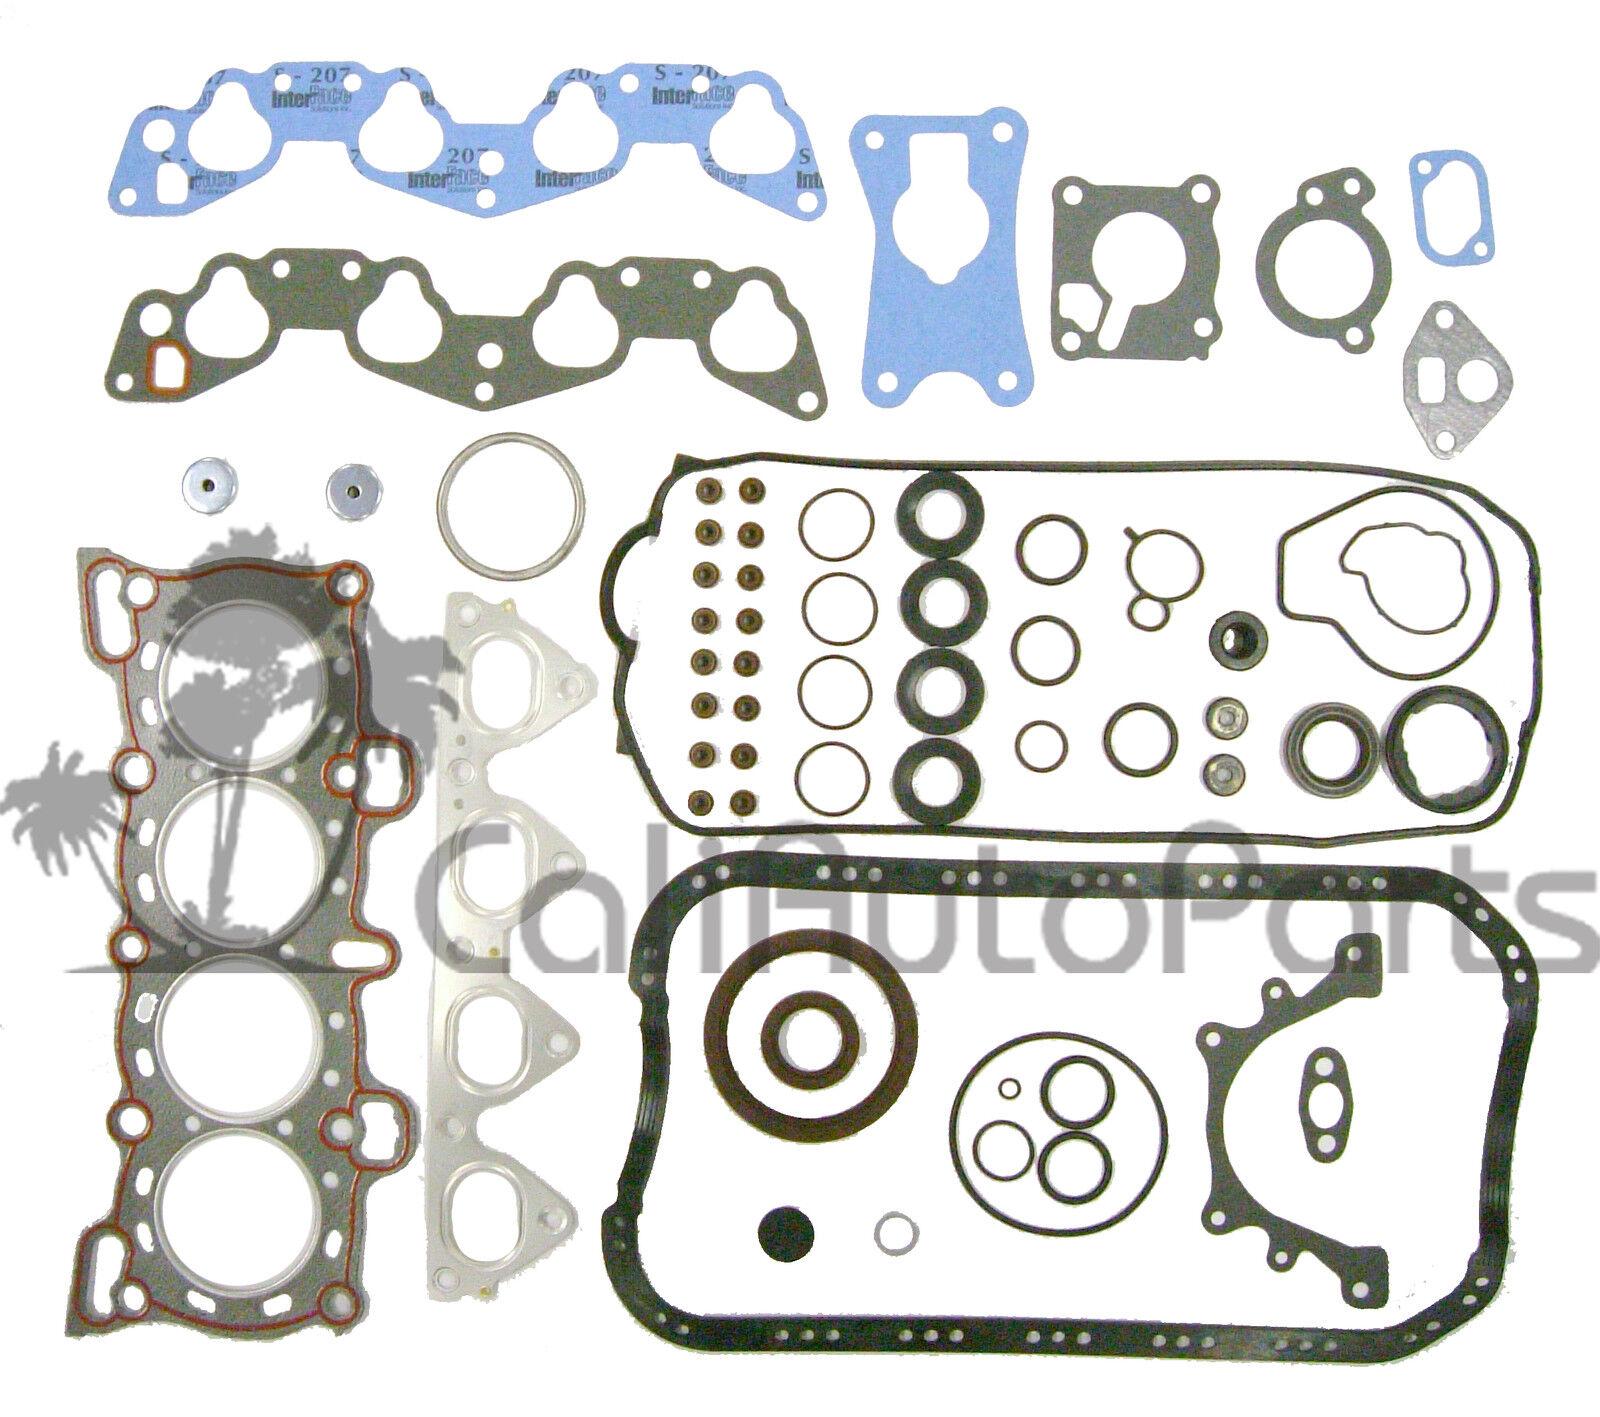 88-95 Honda Civic 1.5L 16V SOHC D15B1 D15B7 D15B8 Master Engine Rebuild Kit [152664338531] - $43 ...